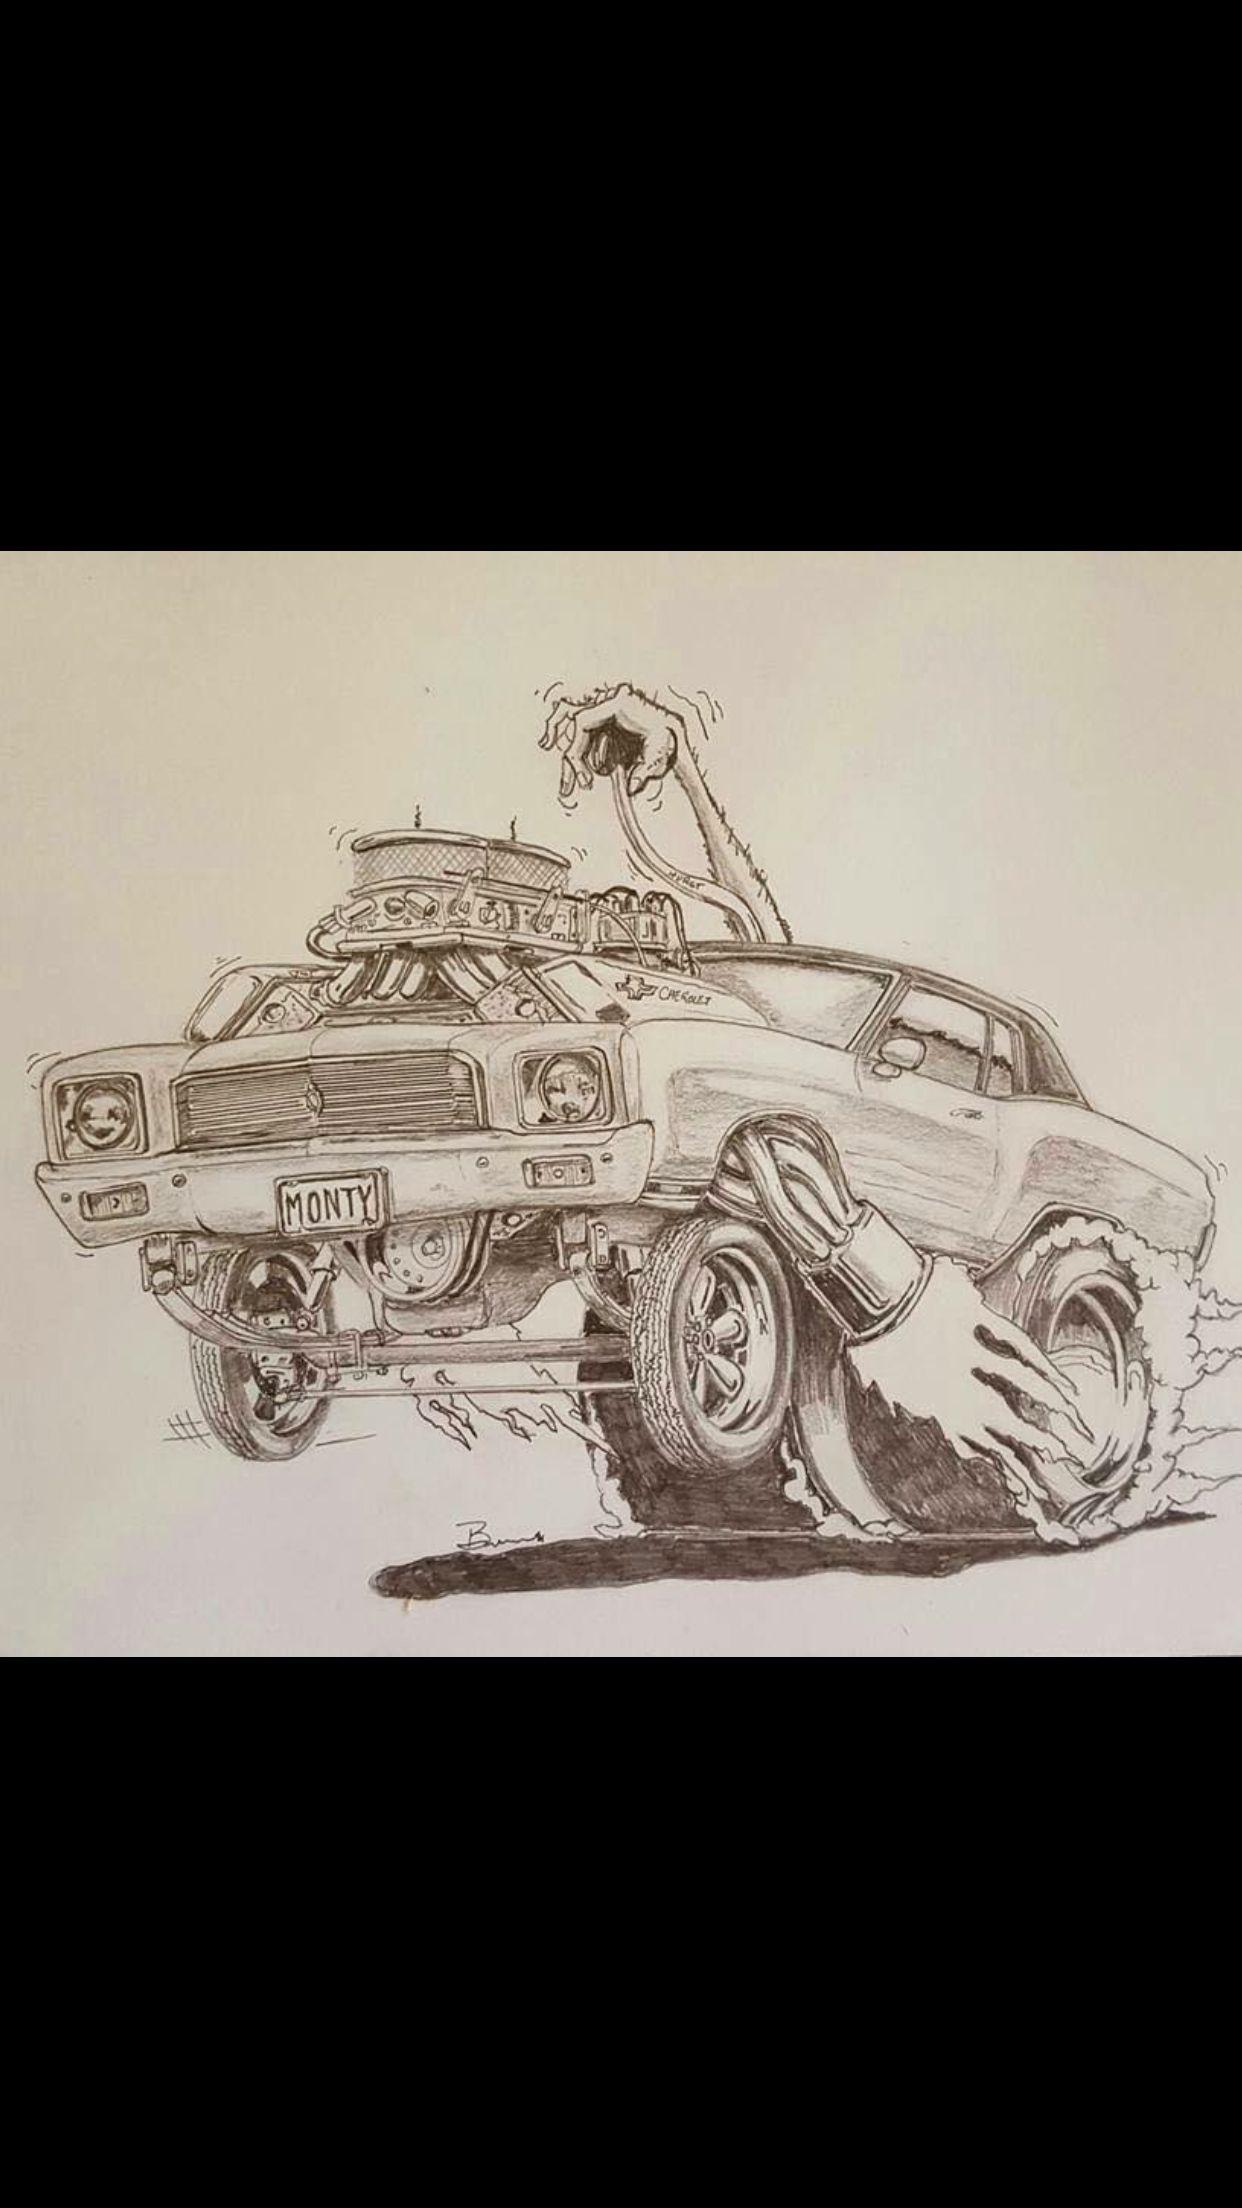 Monte Carlo Cartoon Art Cartoon Drawings Art